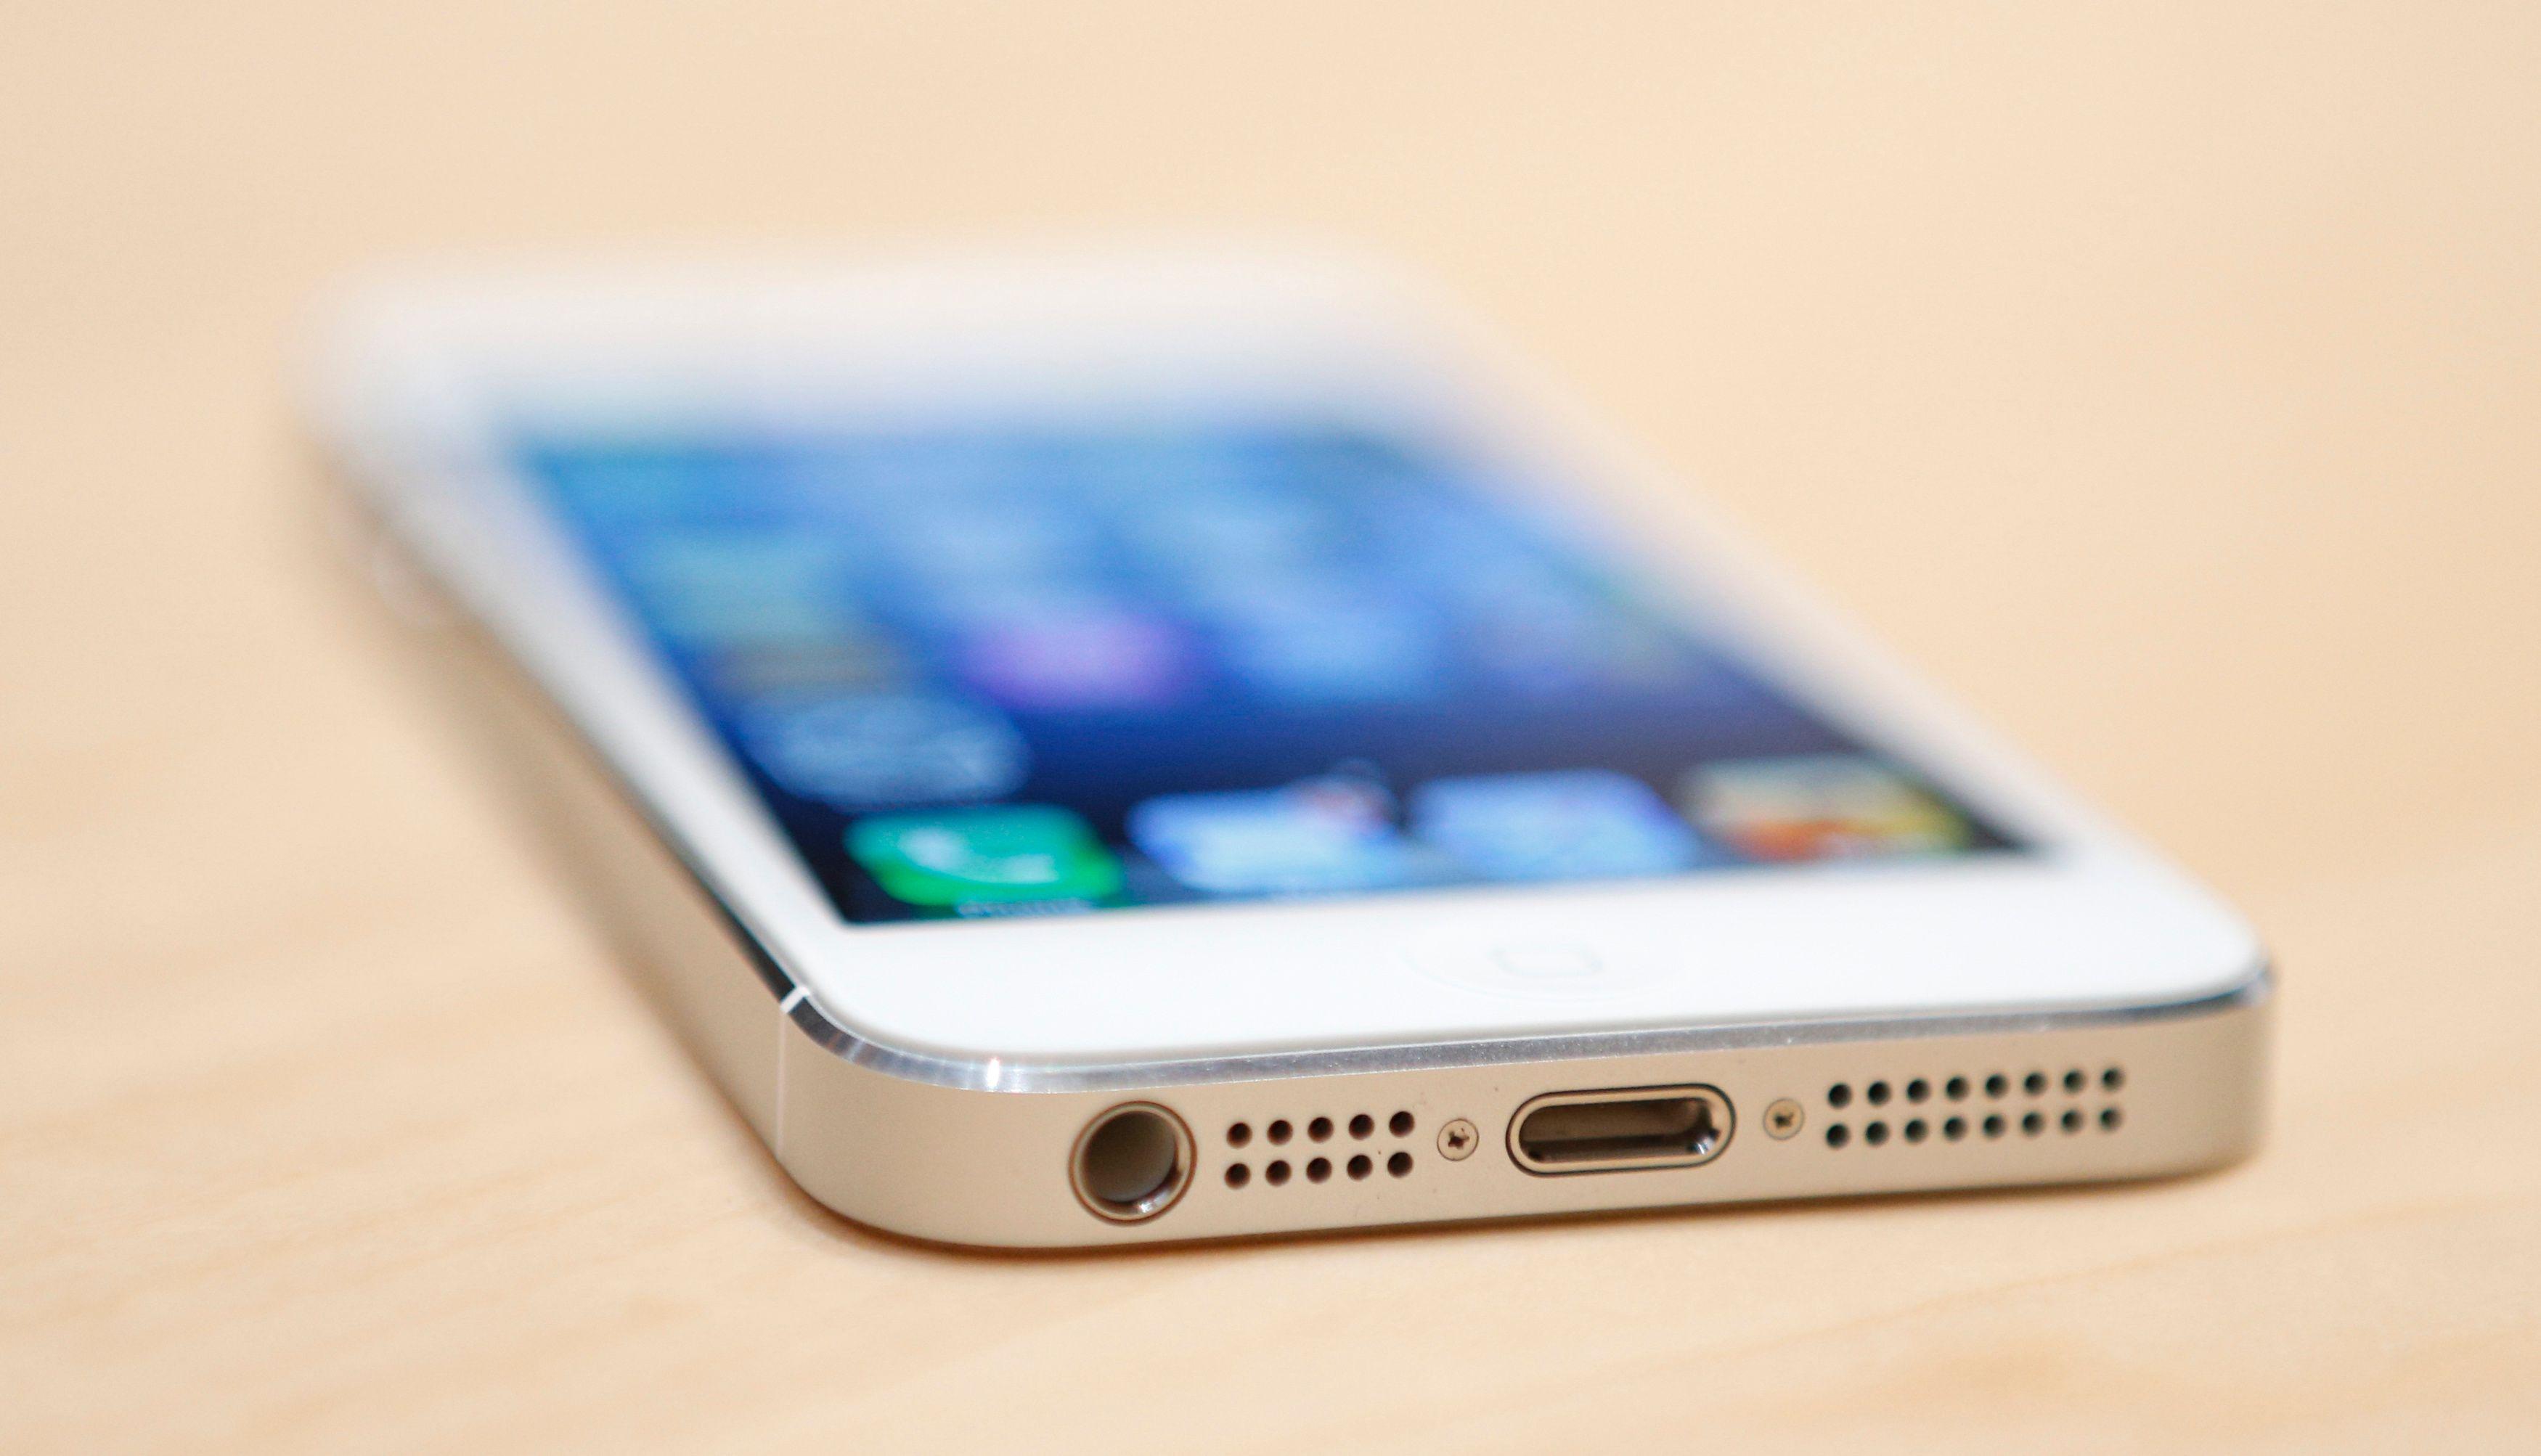 L'iPhone 5S devrait sortir dès cet été